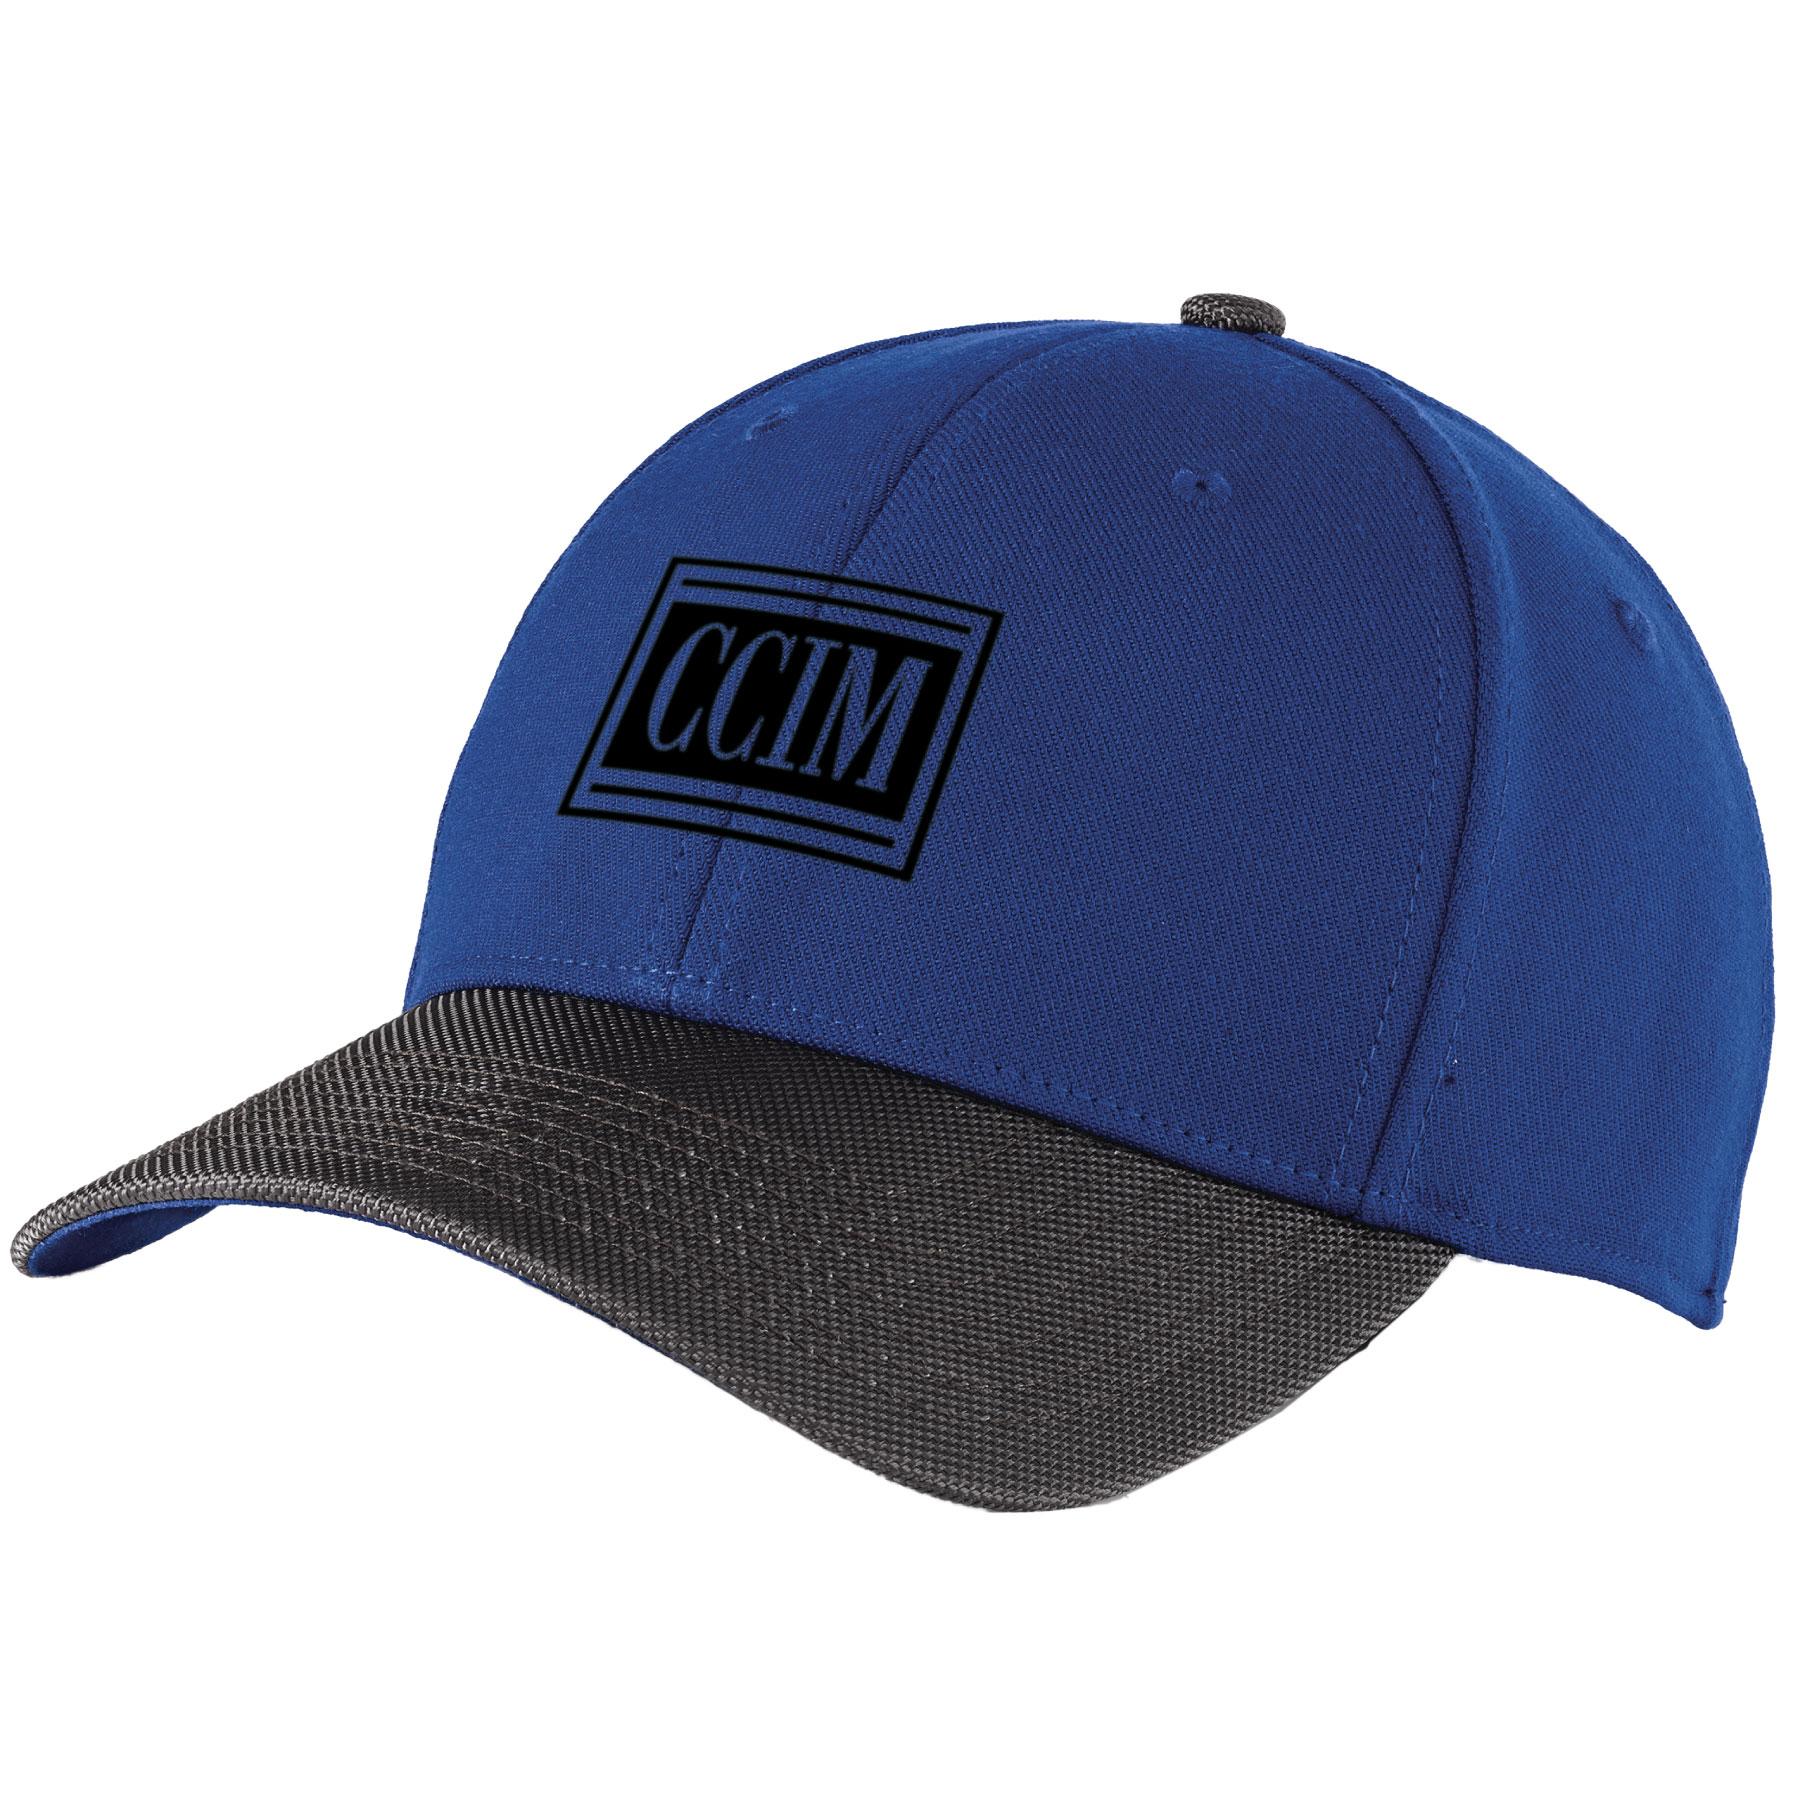 CCIM New Era Ballistic Cap Hats,News,Eras,Hats,Caps,NewEras,Balistics,Ballisticss